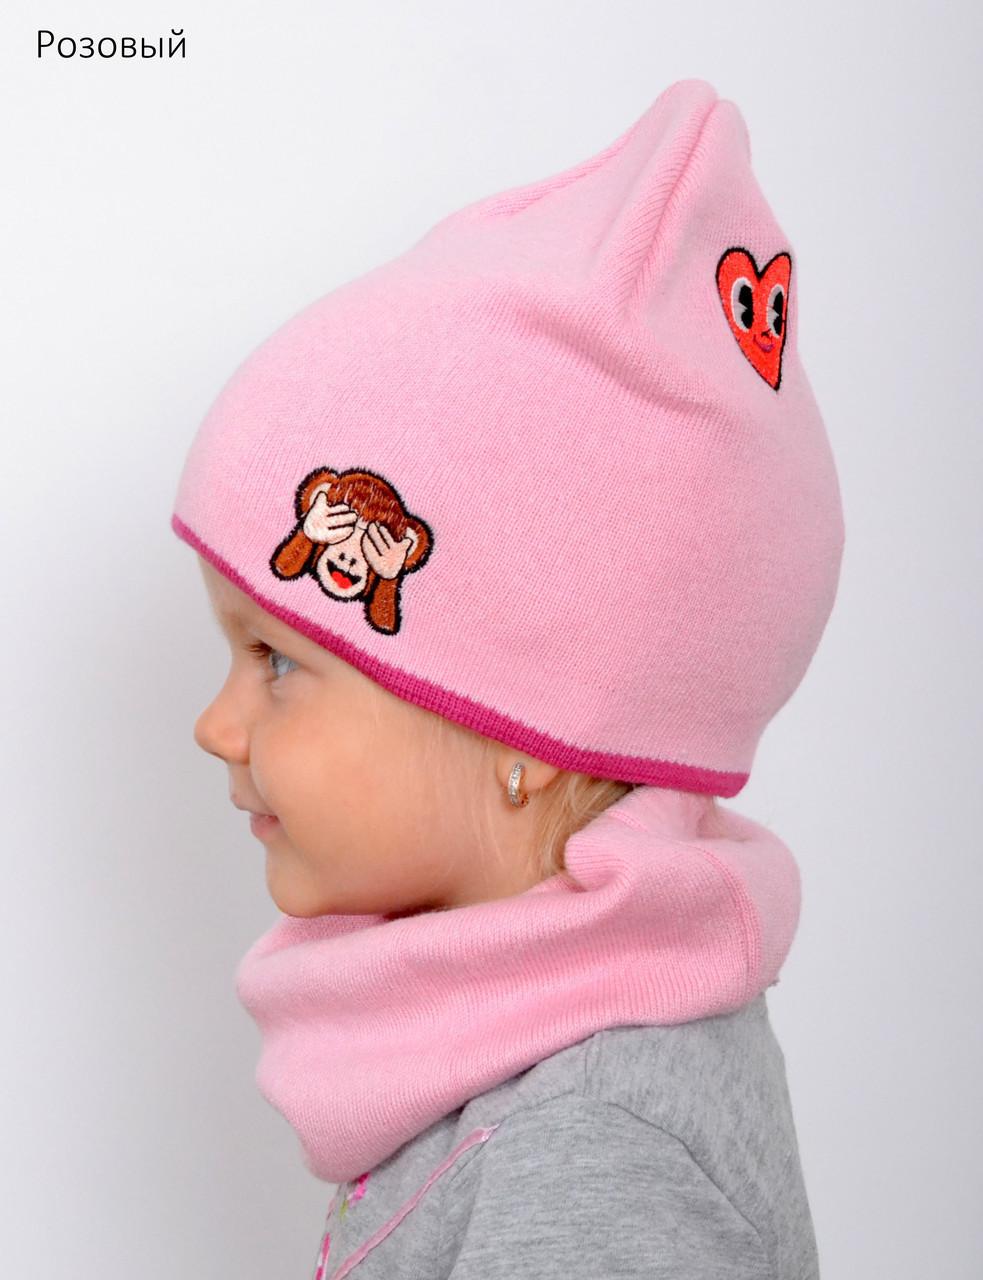 Детская шапка на весну для девочки, Коралловый, 48-53